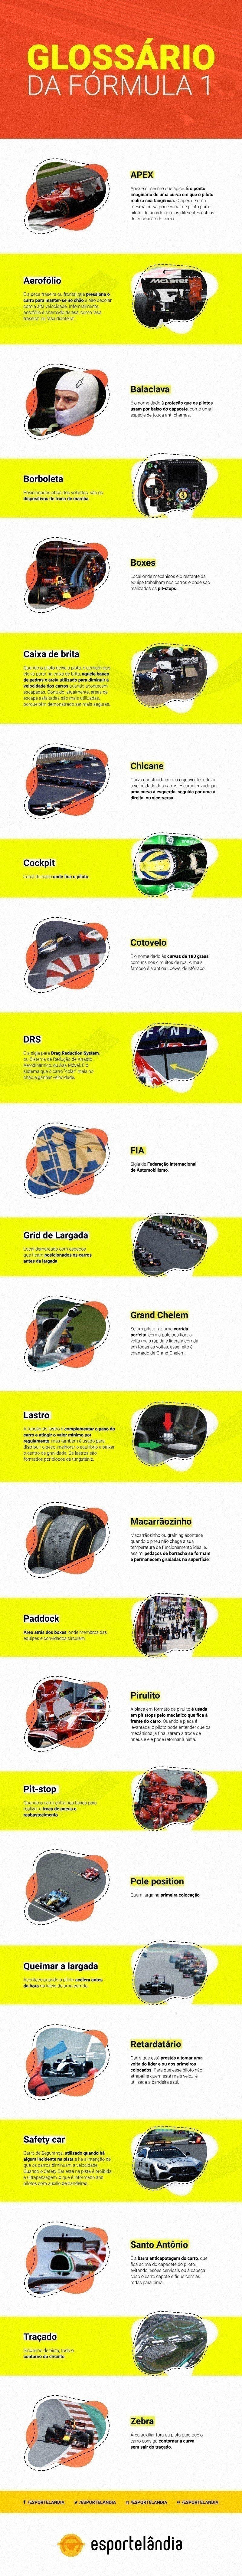 Infográfico do glossário da Fórmula 1